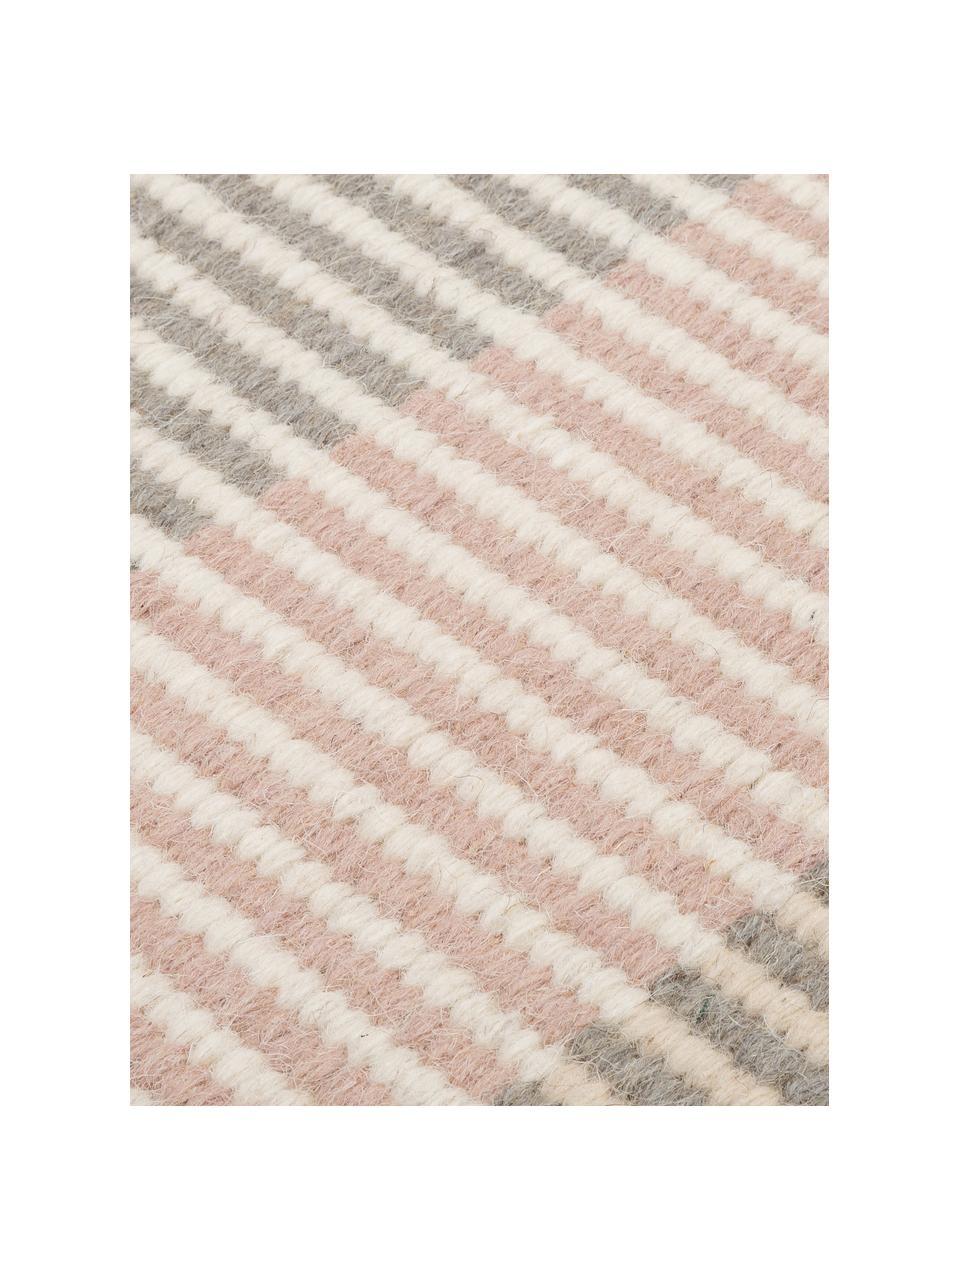 Gestreept kelim vloerkleed Devise van wol, handgeweven, 100% wol Bij wollen vloerkleden kunnen vezels loskomen in de eerste weken van gebruik, dit neemt af door dagelijks gebruik en pluizen wordt verminderd., Multicolour, B 140 x L 200 cm (maat S)